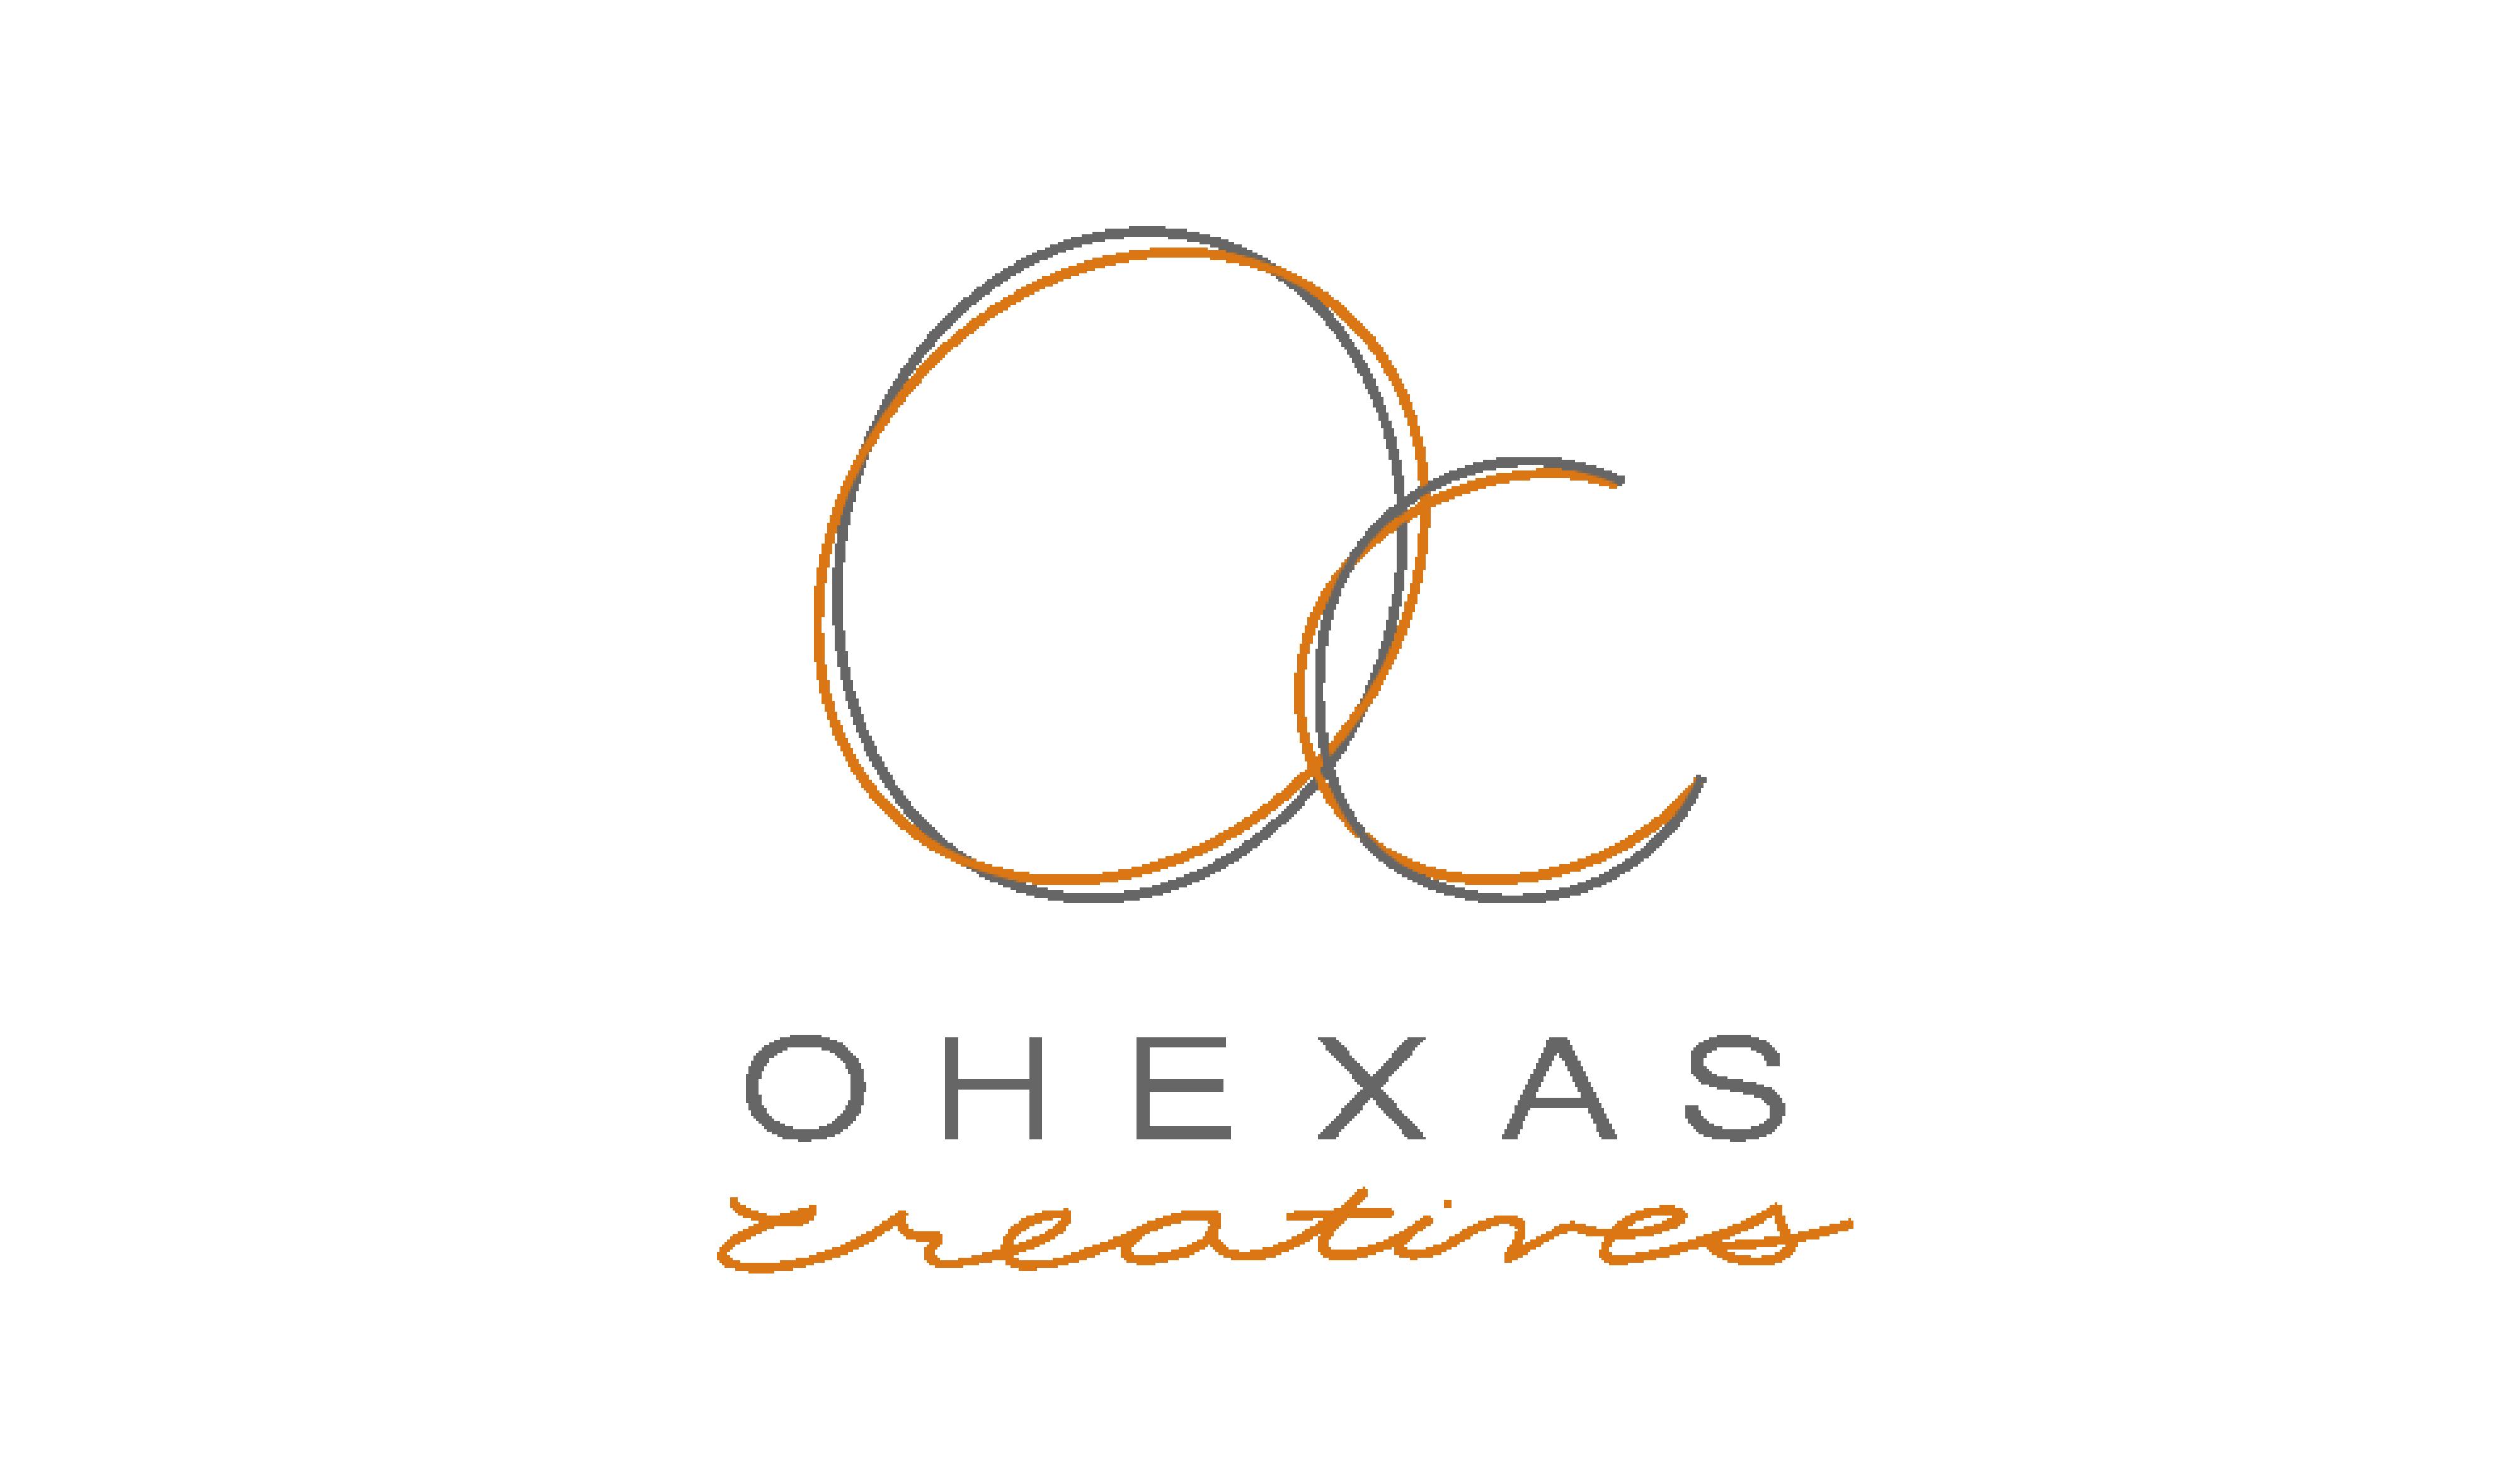 ohexas_logo-01